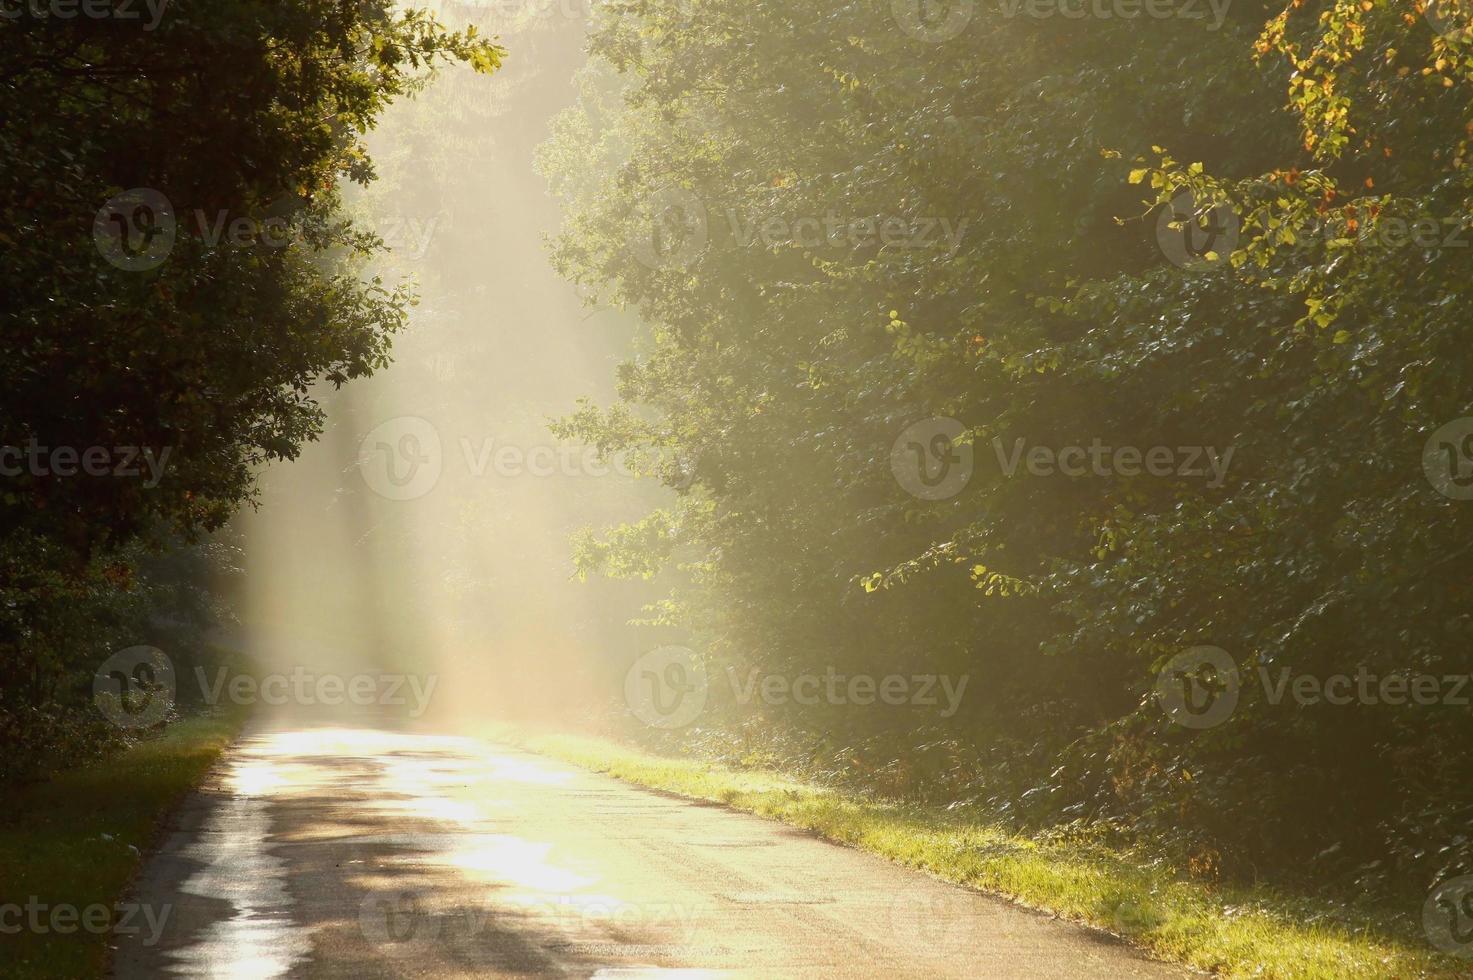 estrada enevoada ao amanhecer foto